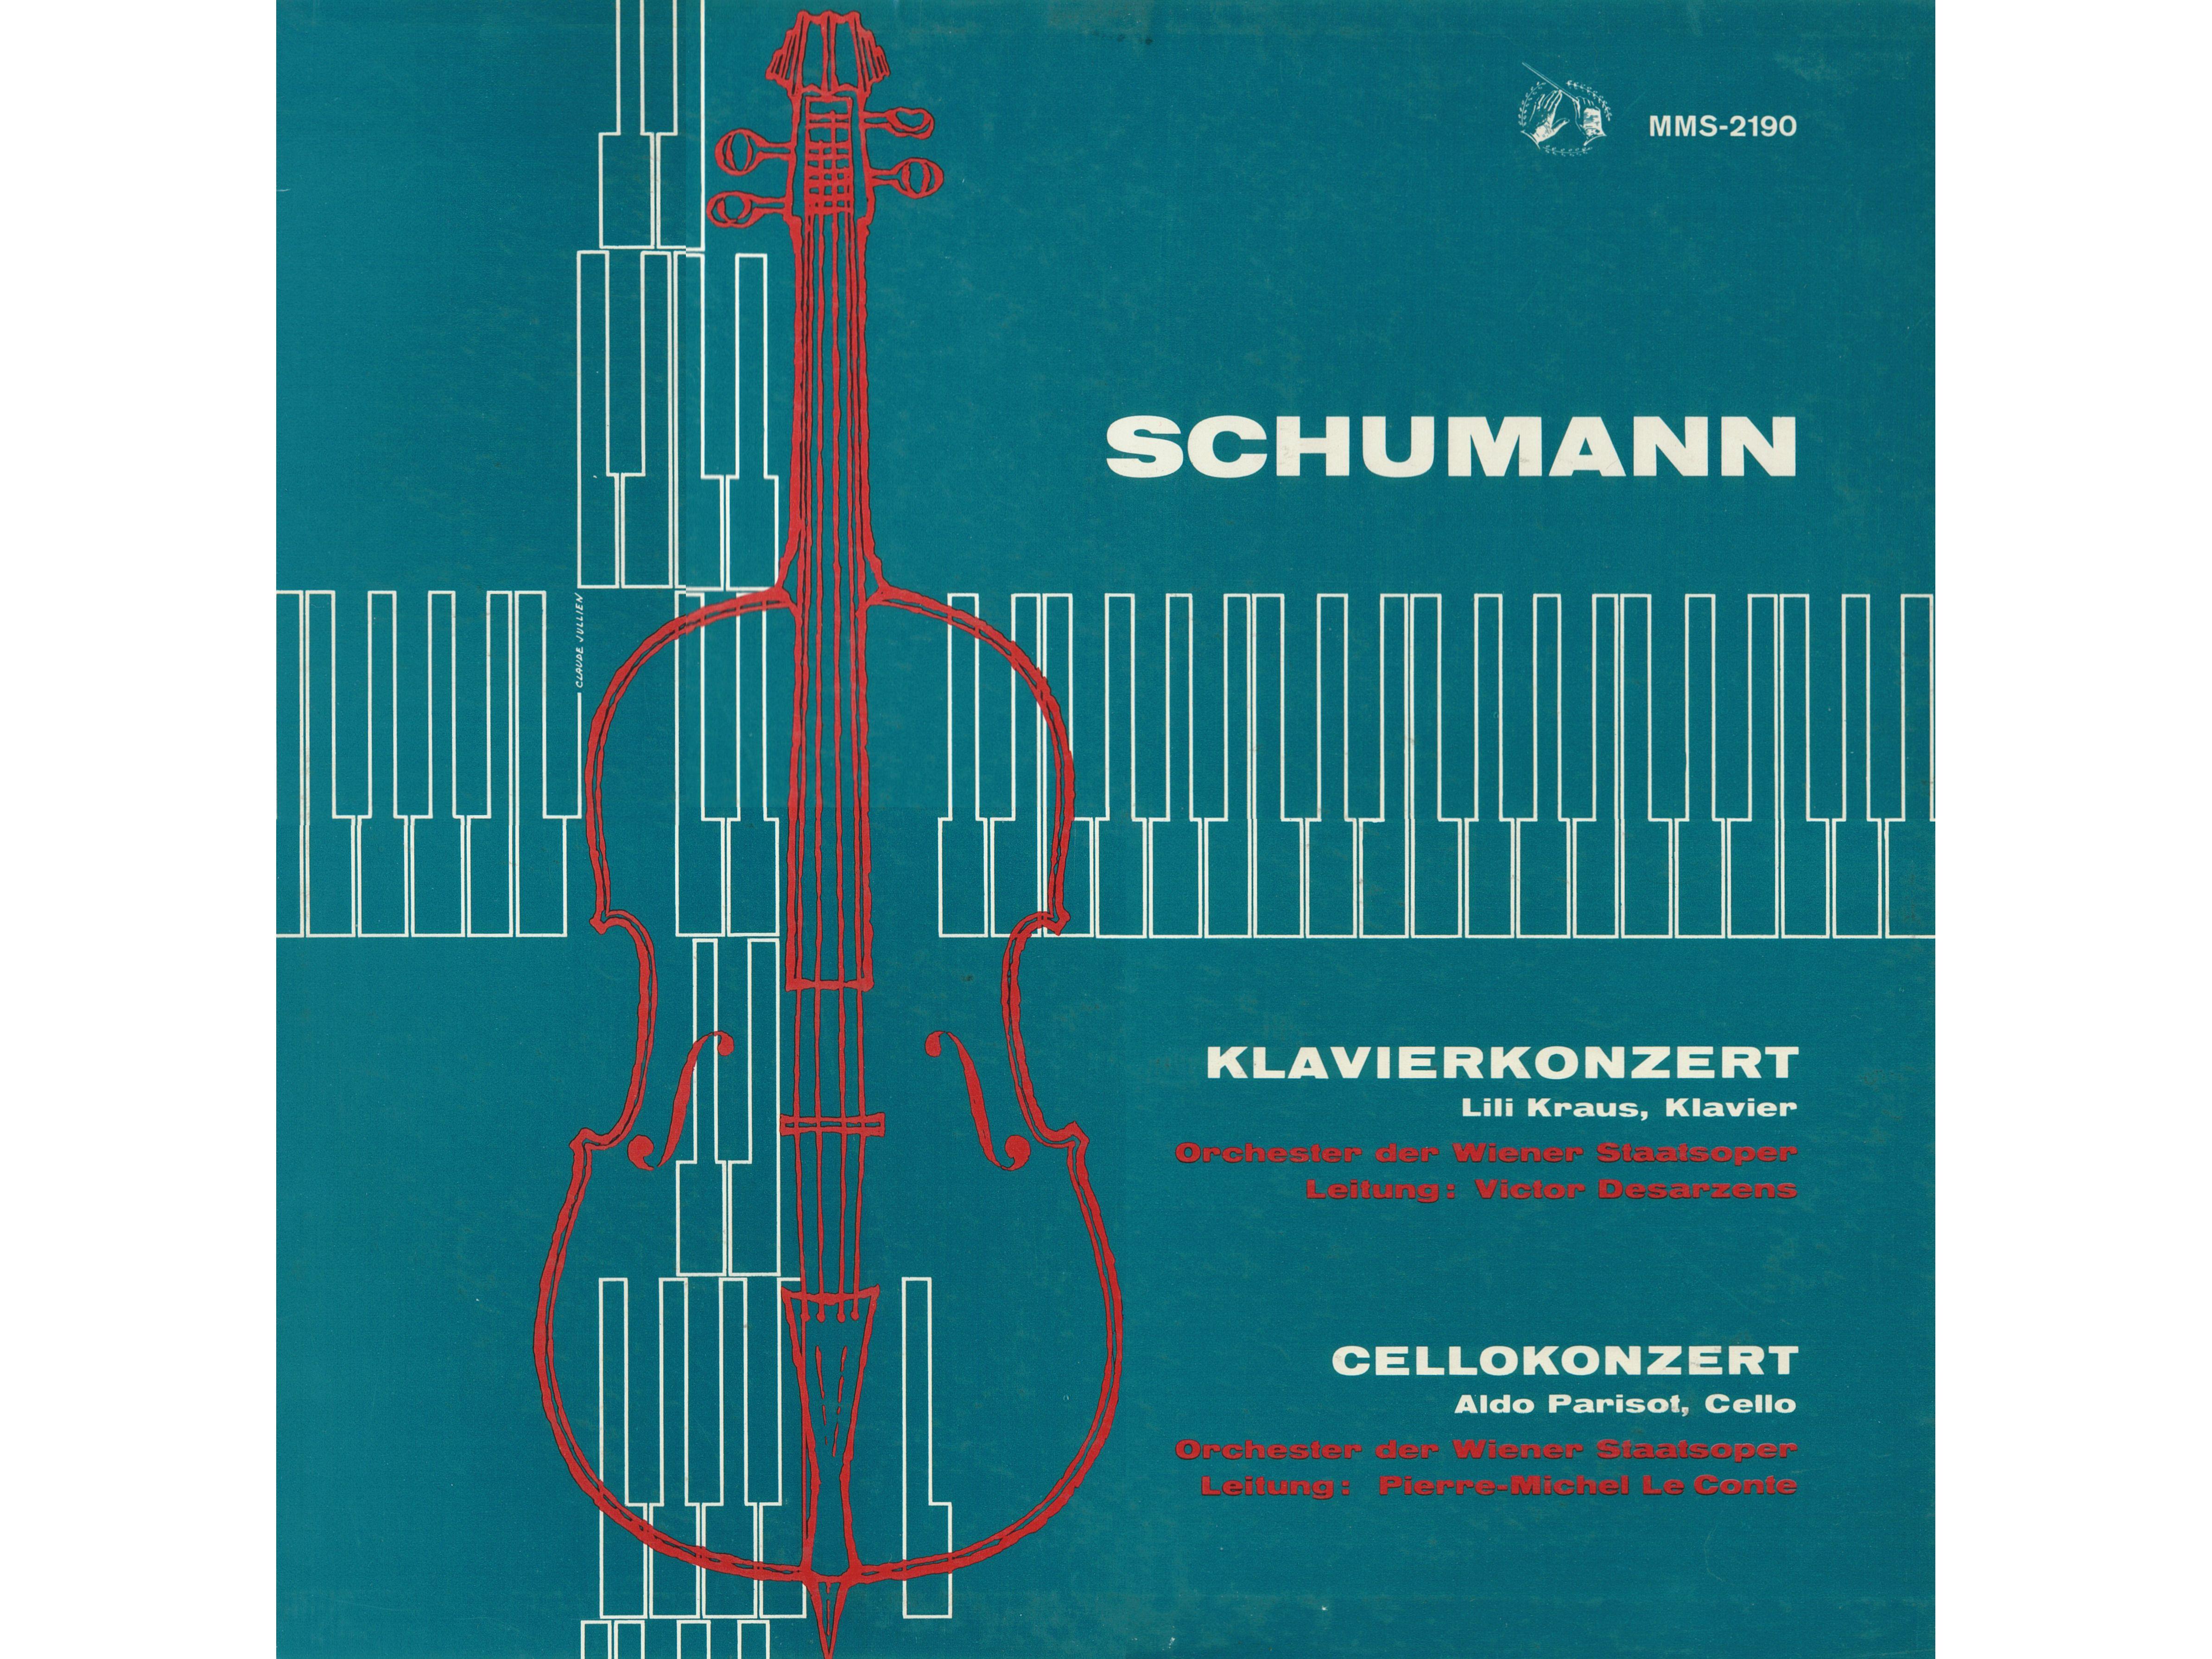 R. Schumann, Op. 54, L. Kraus, WSOO, V. Desarzens, MMS-2190